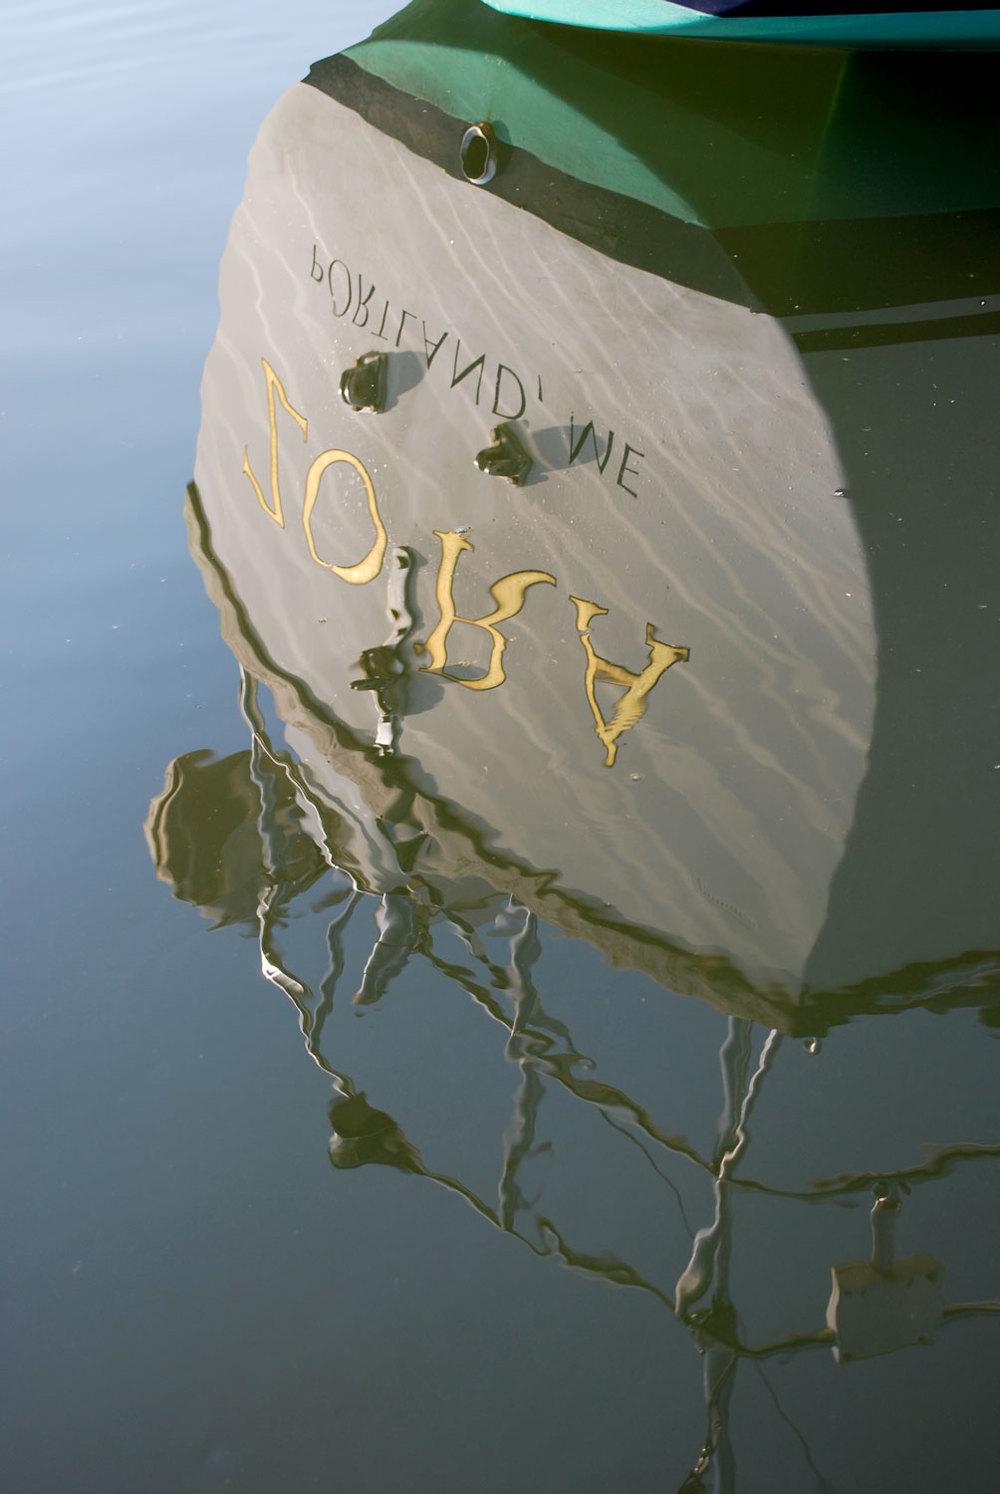 zora_reflection.jpg